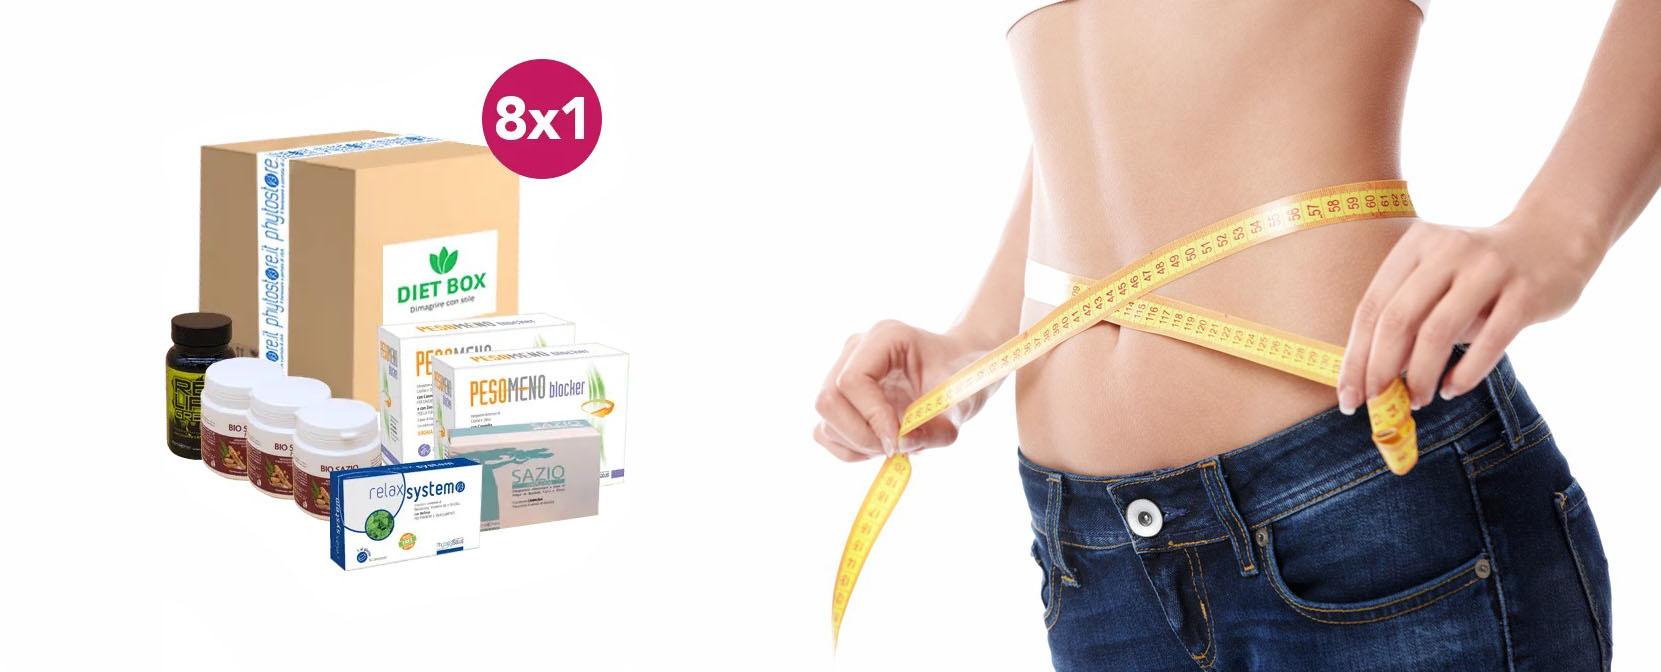 diet box benefici